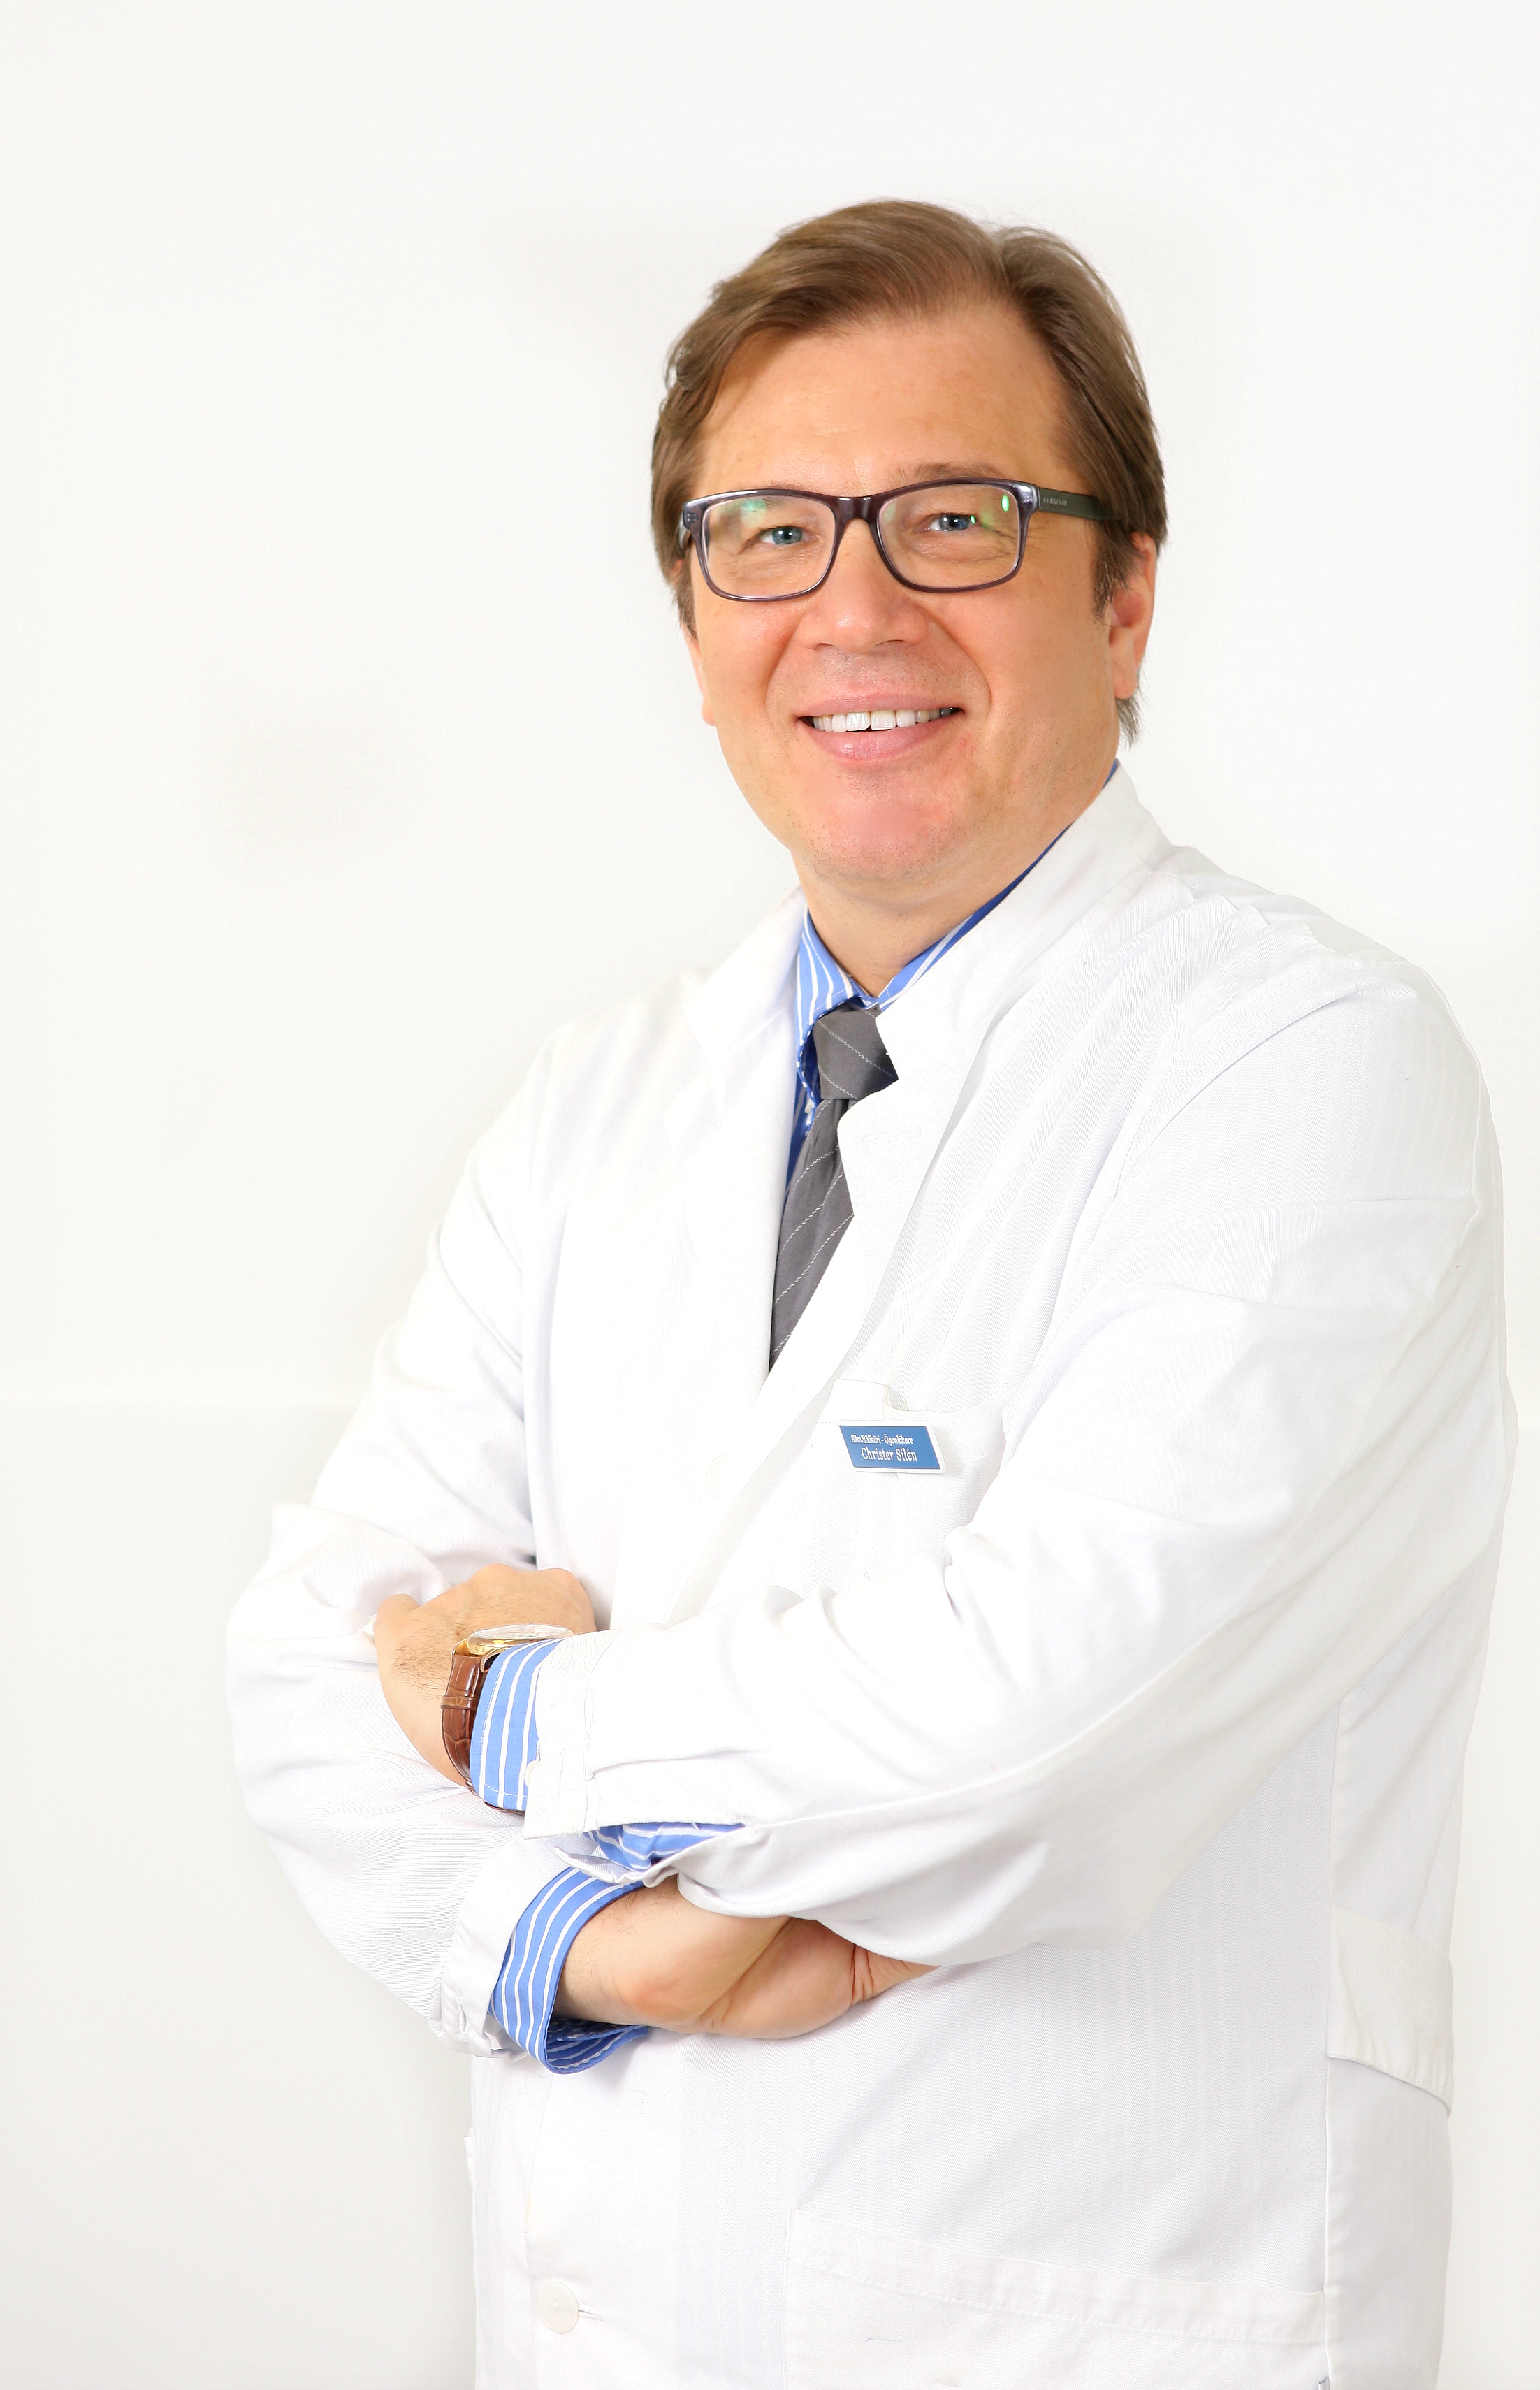 Christer Silén, silmälääkäri, toimitusjohtaja, Silmätalo Porvoo.